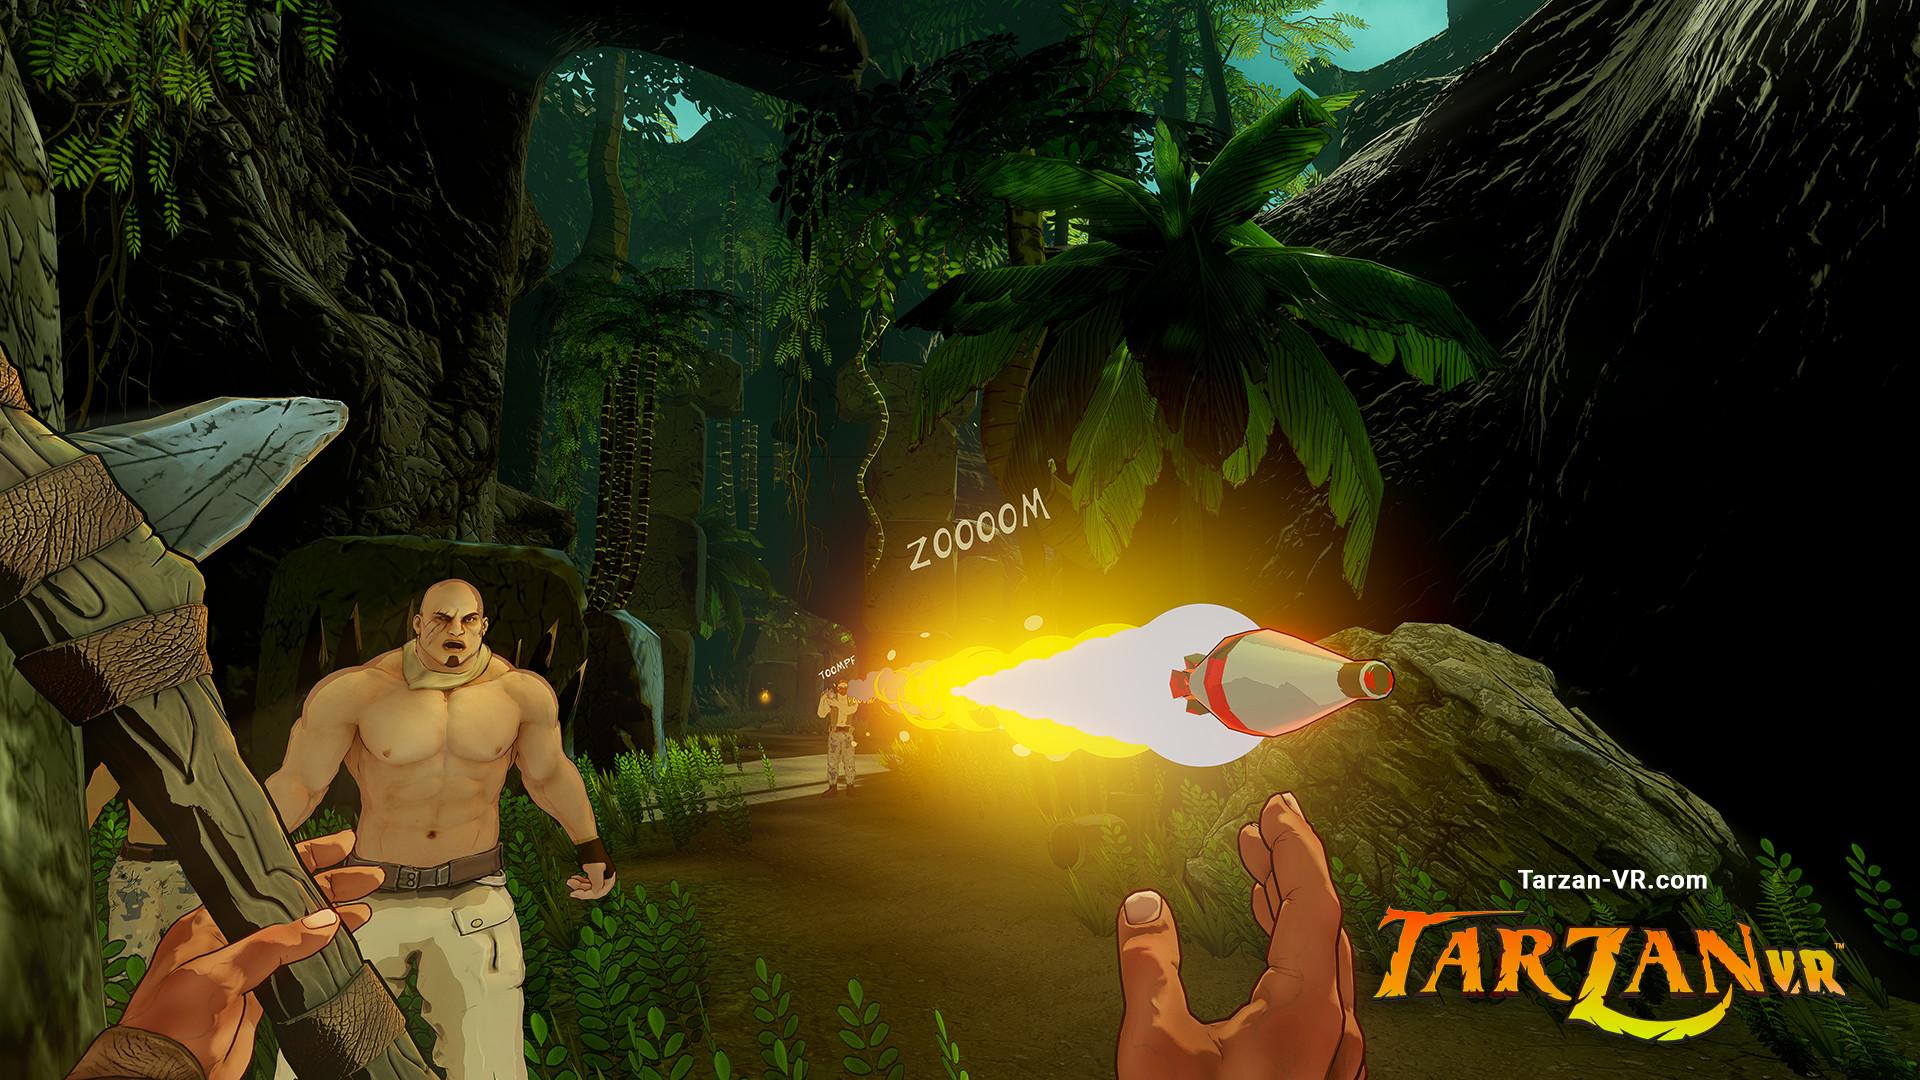 Oculus Quest 游戏《Tarzan VR™》泰山 VR™插图(3)